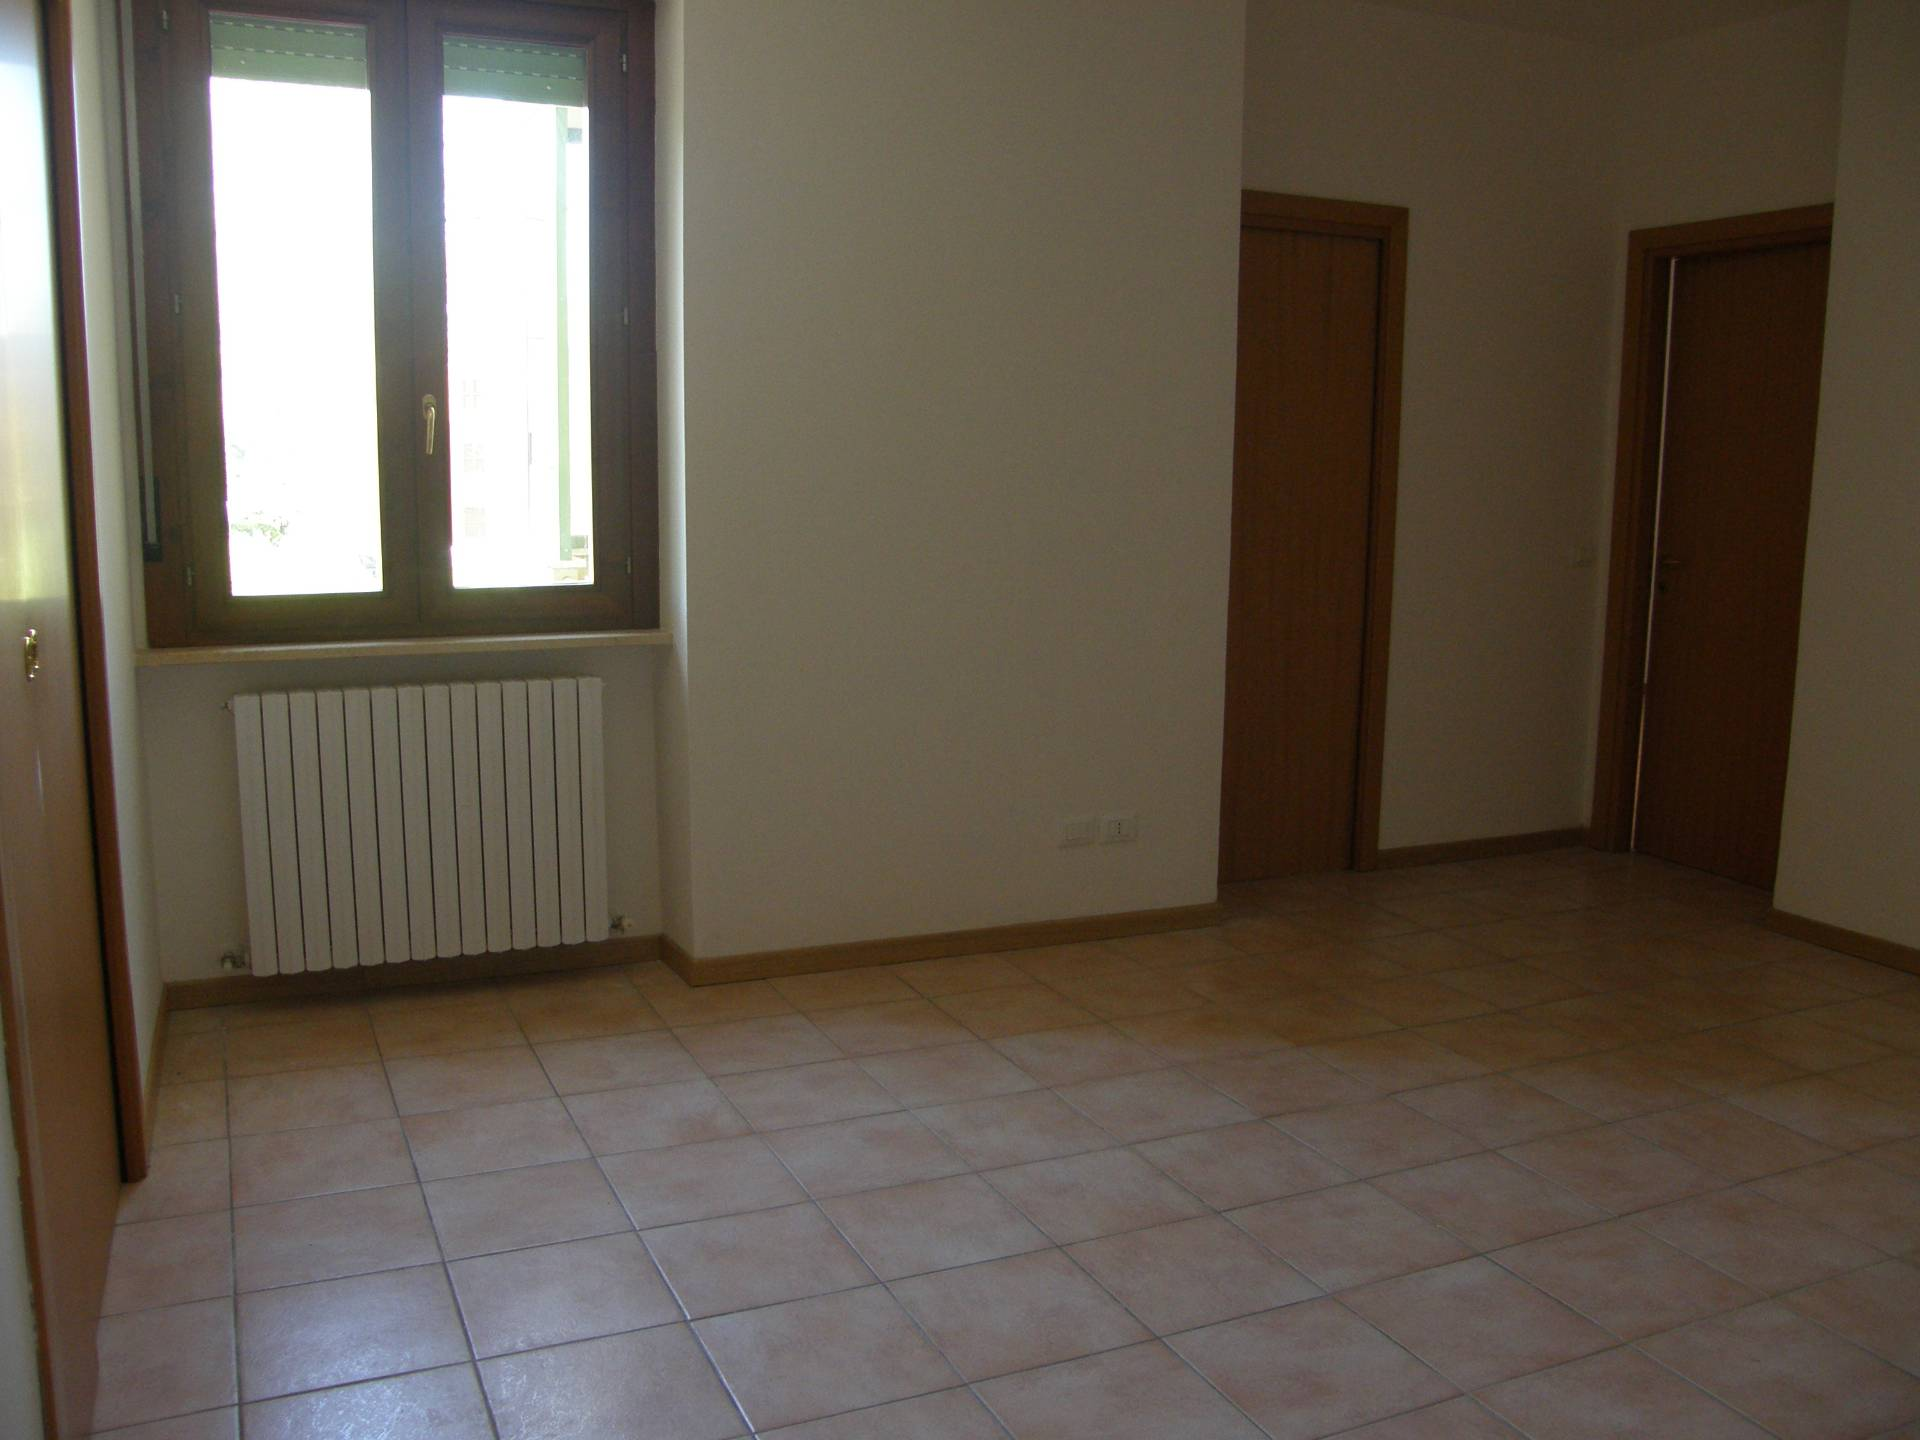 Appartamento in vendita a Ascoli Piceno, 4 locali, prezzo € 135.000 | Cambio Casa.it